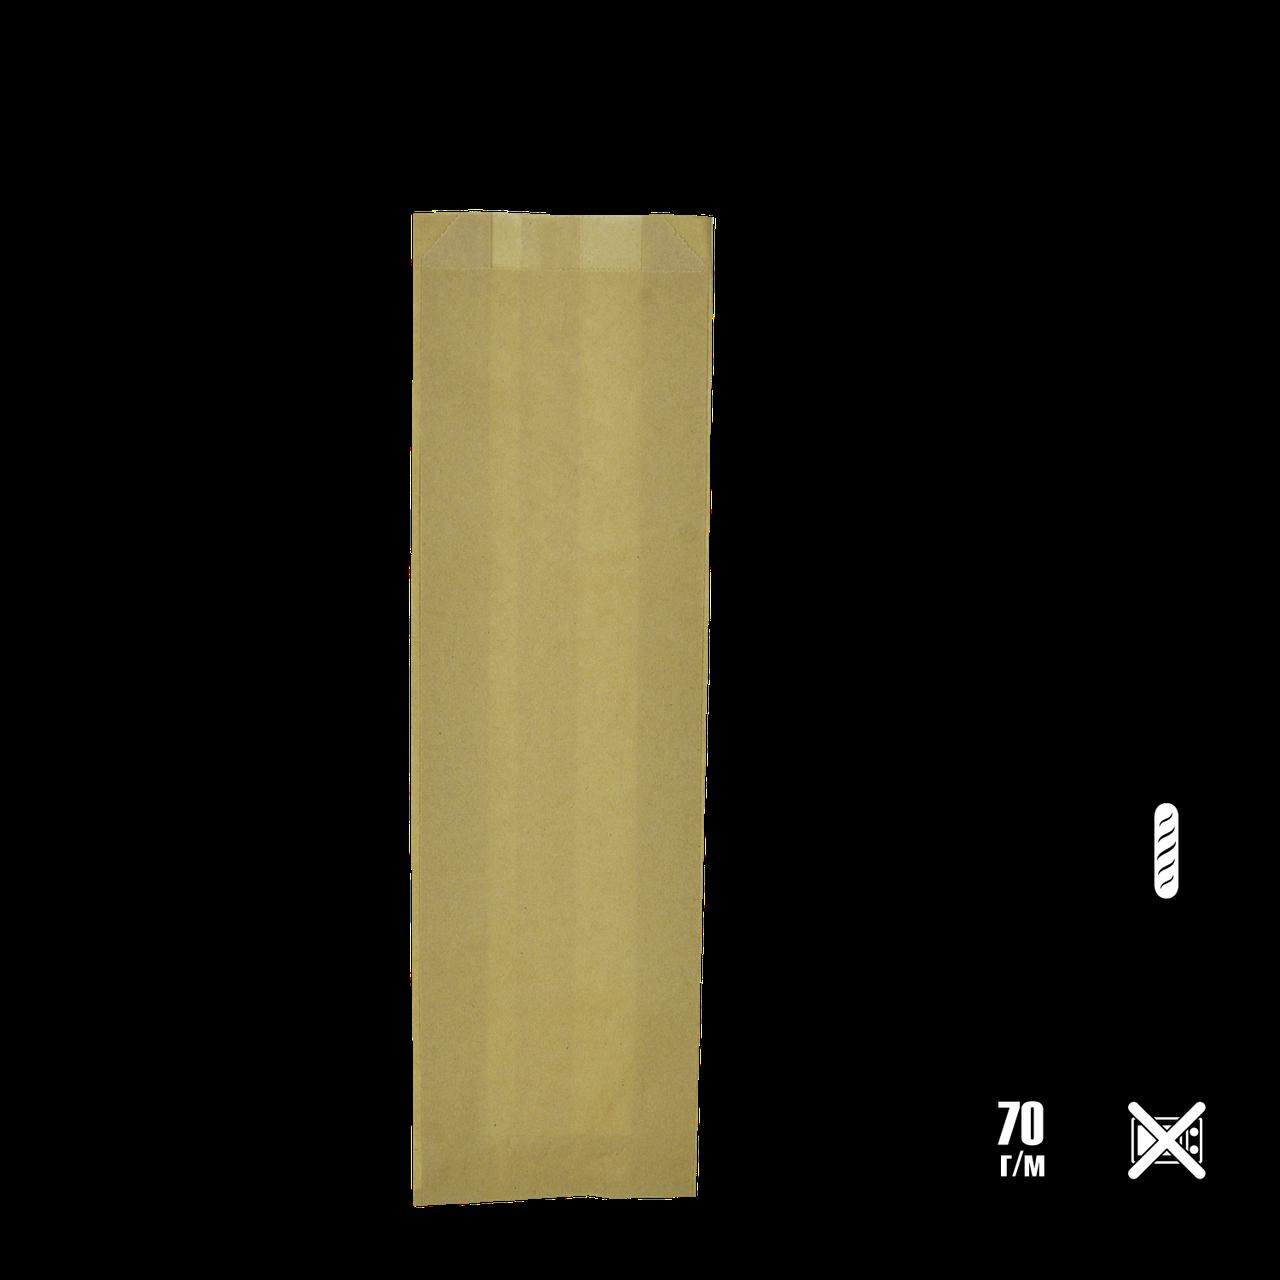 Бумажный пакет Крафт 310х90х30мм (ВхШхГ) 70г/м² 100шт (100)